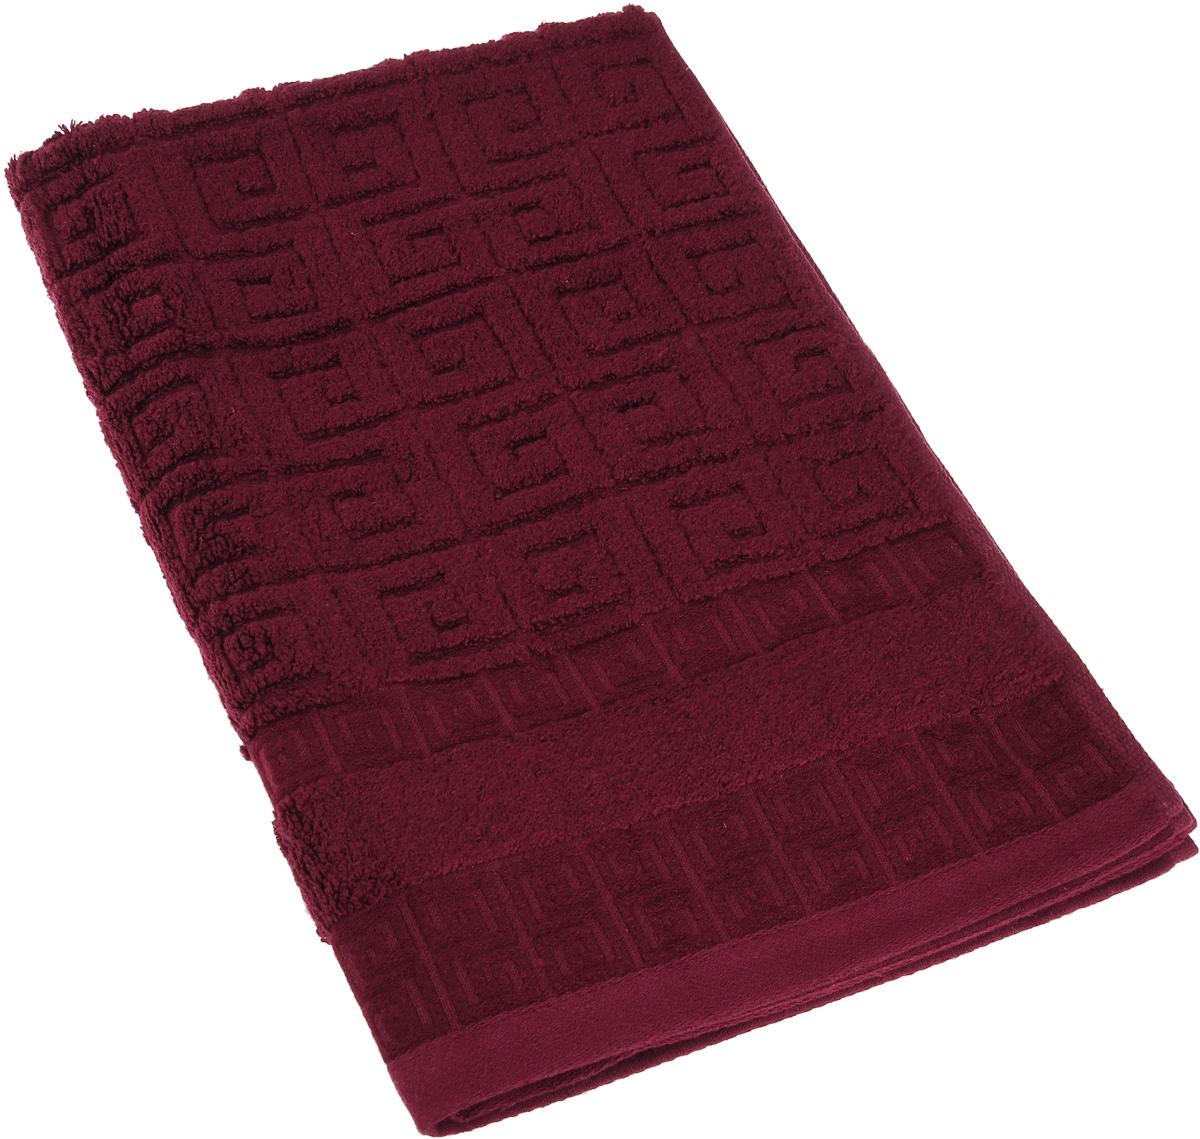 Полотенце Soavita Alber, цвет: бордовый, 50 х 70 см64148Полотенце Soavita Alber выполнено из 100% бамбукового волокна. Изделие отлично впитывает влагу, быстро сохнет, сохраняет яркость цвета и не теряет форму даже после многократных стирок. Полотенце очень практично и неприхотливо в уходе. Оно создаст прекрасное настроение и украсит интерьер в ванной комнате.